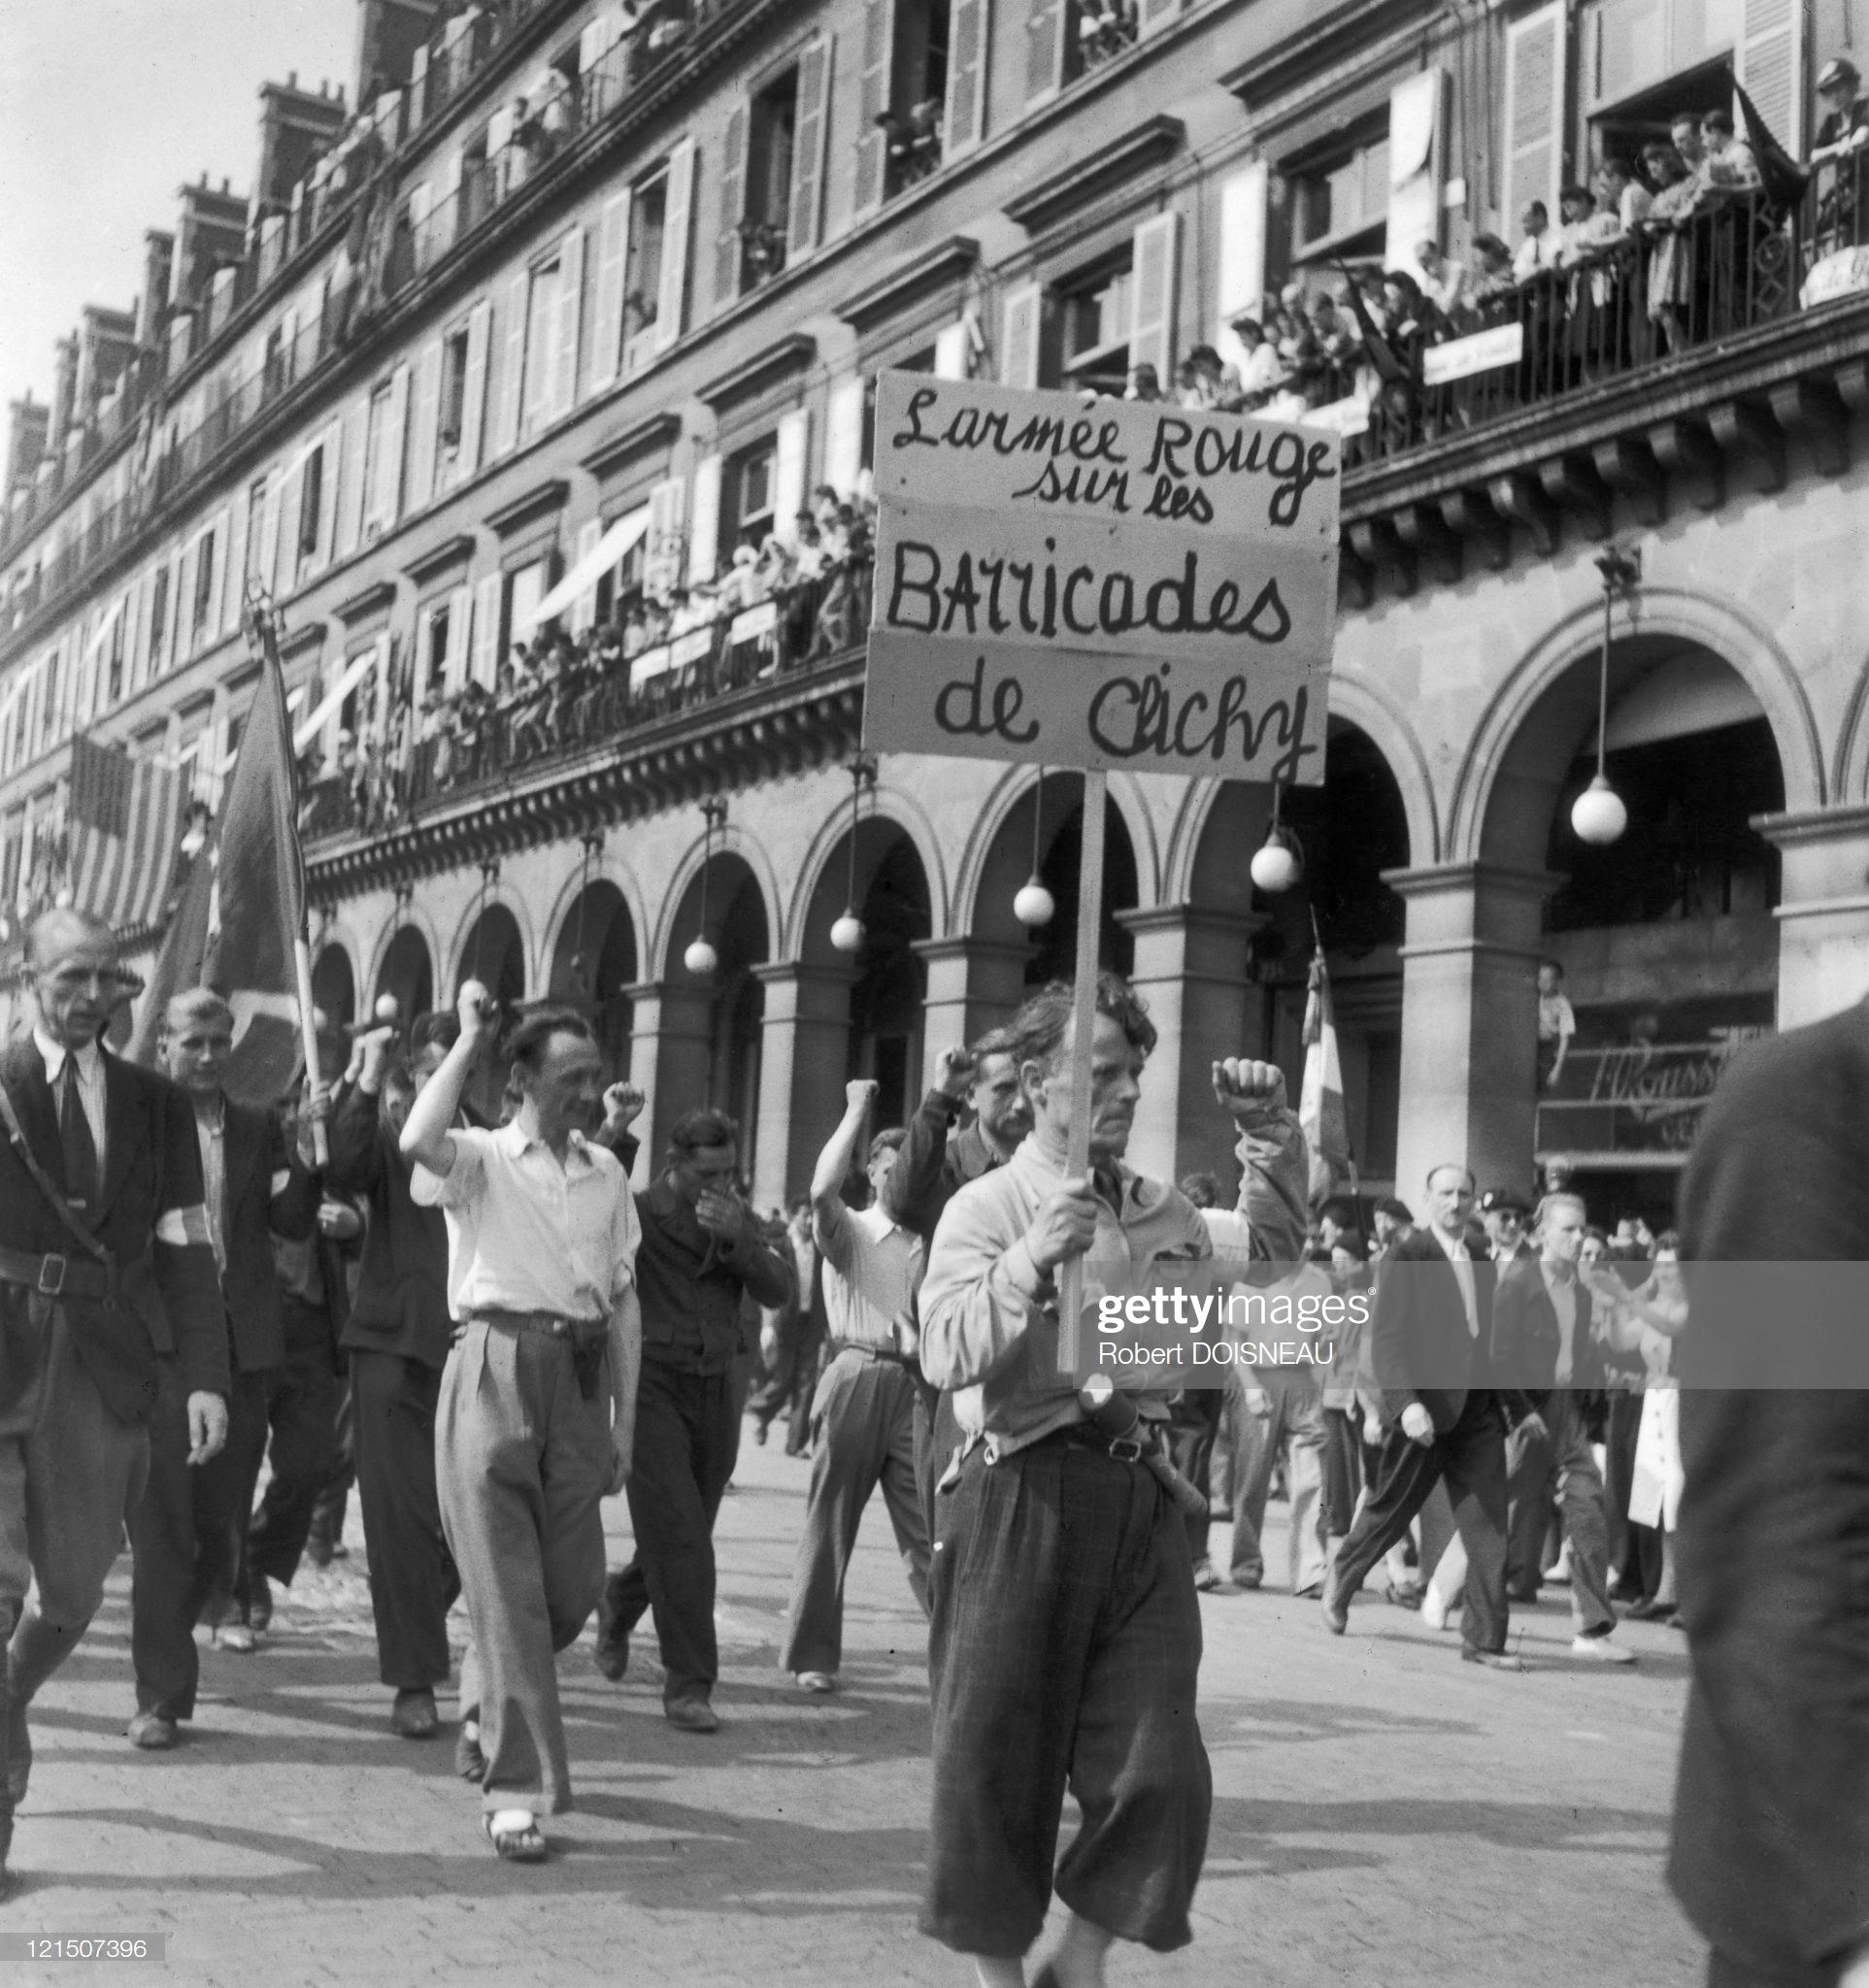 1944. Коммунисты, члены Сопротивления, направляются в Клиши на баррикады